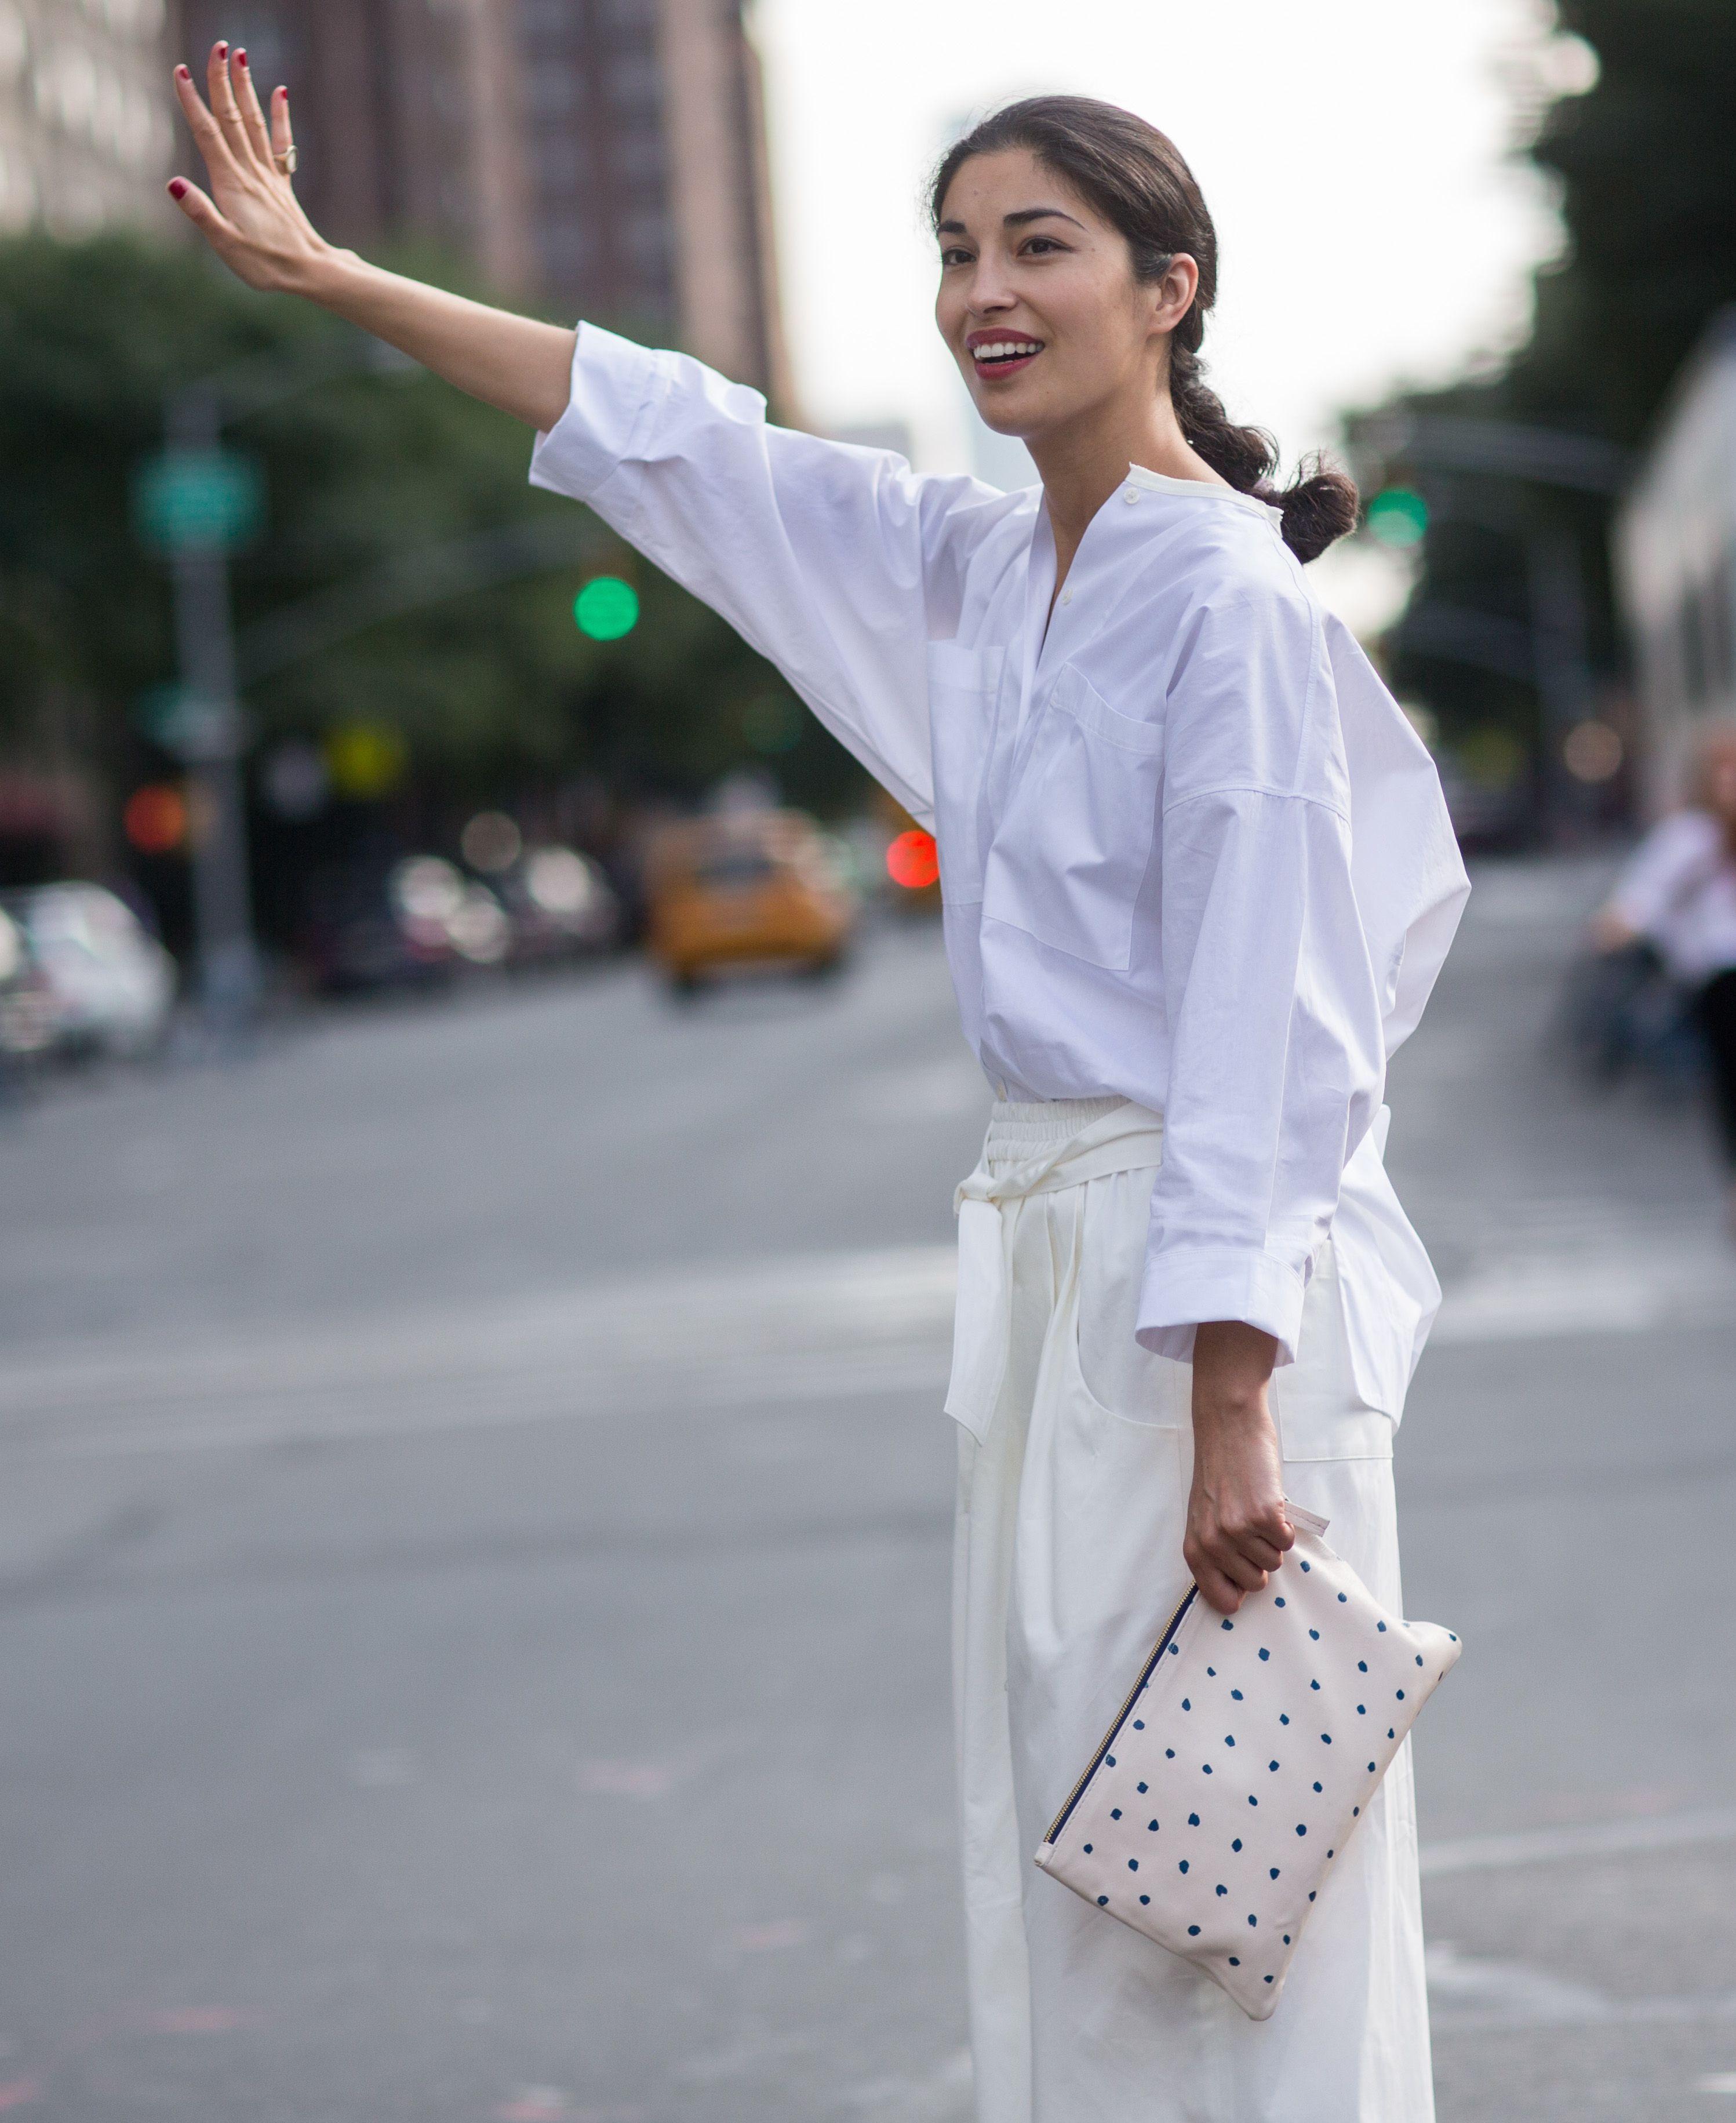 chọn áo sơmi trắng và chân váy trắng